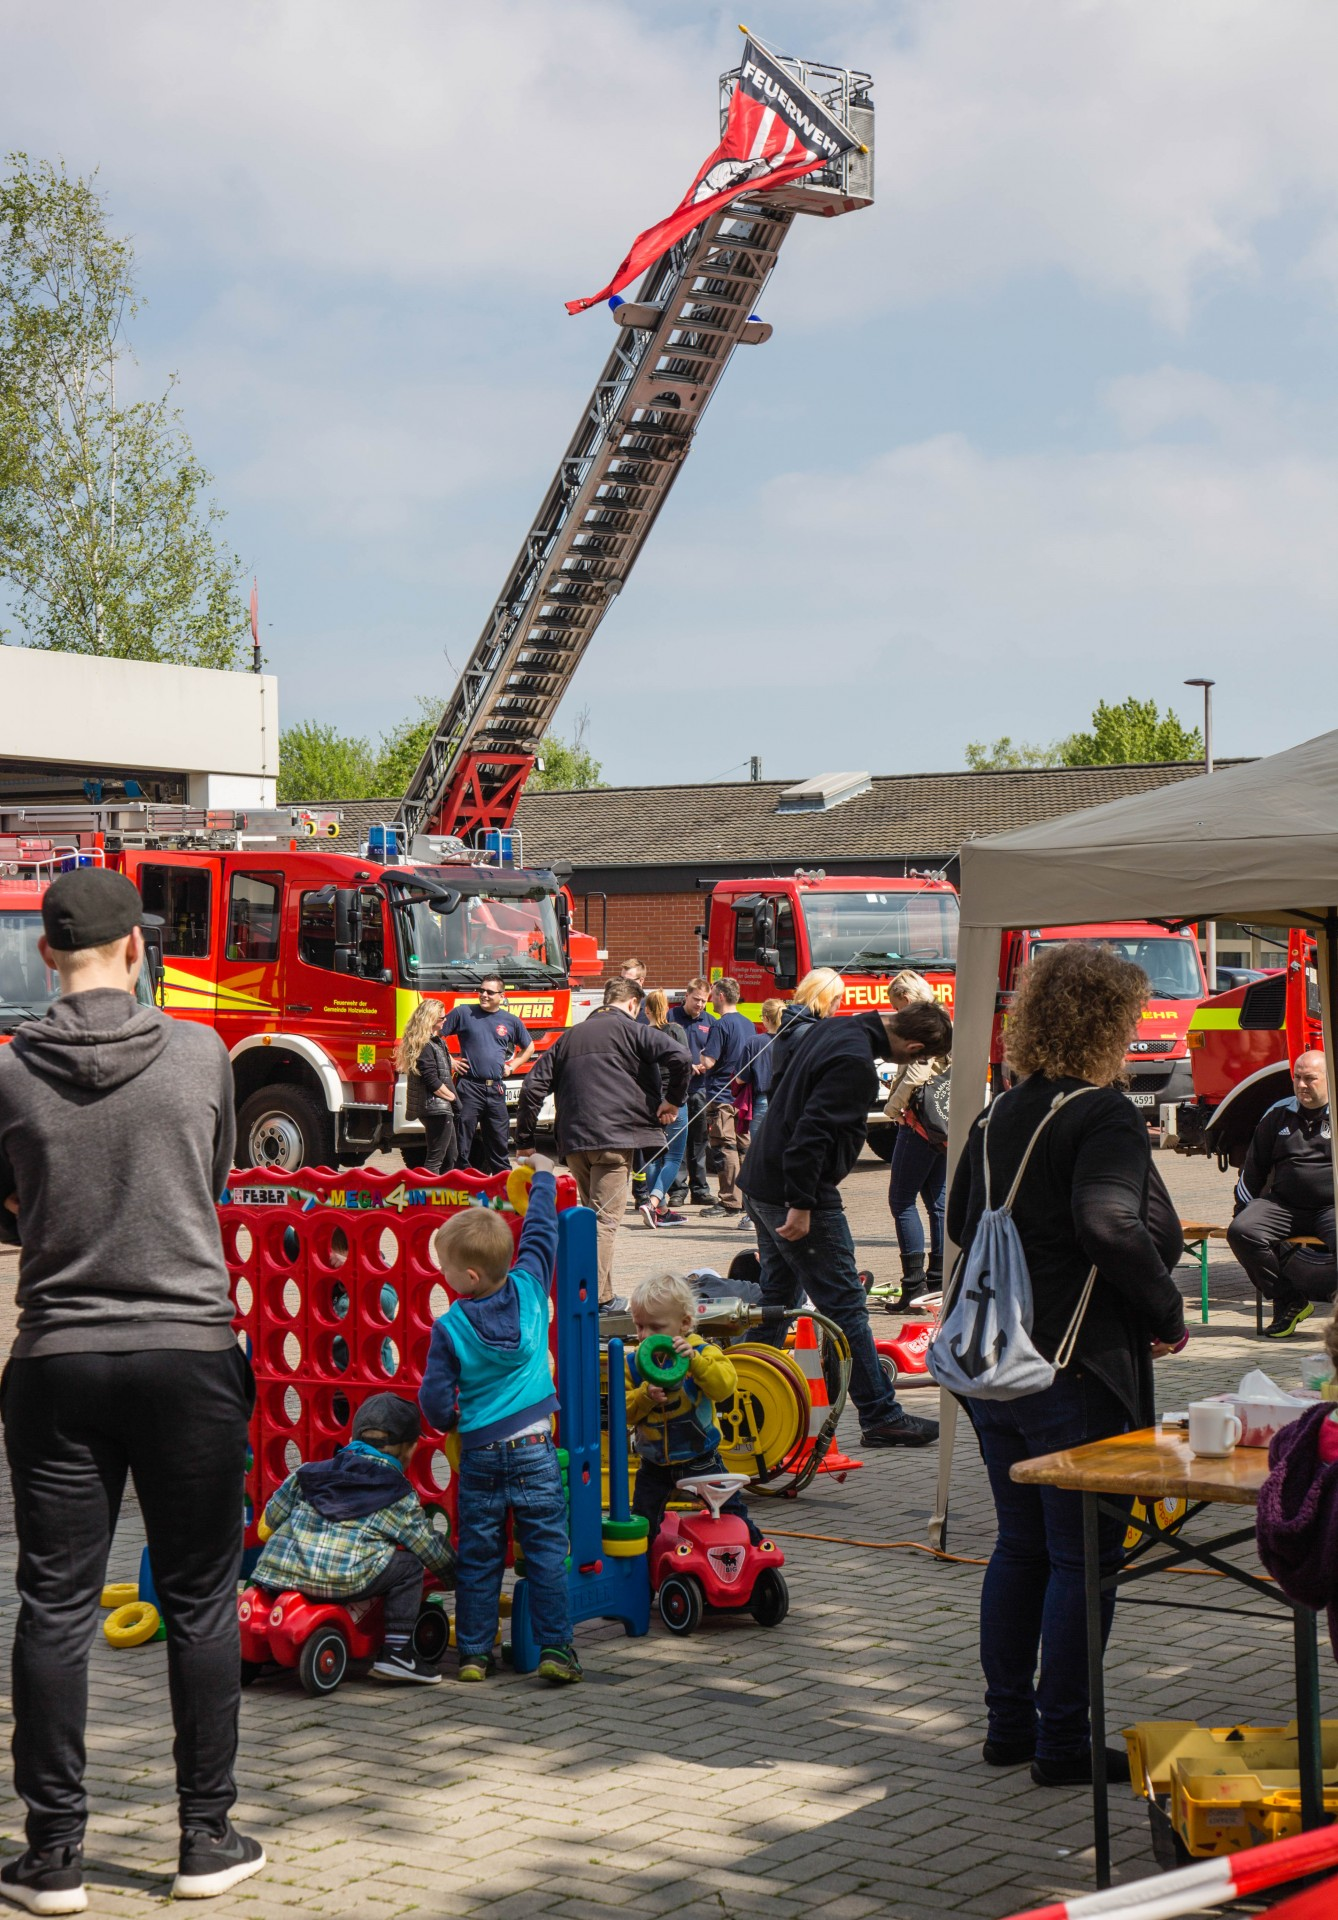 Auf dem Platz vor dem Gerätehaus an der Bahnhofstraße hatte die Feuerwehr ihre Einsatzfahrzeuge, darunter auch die große Drehleiter, zur Besichtigung aufgestellt. (Foto: P. Gräber - Emscherblog.de)